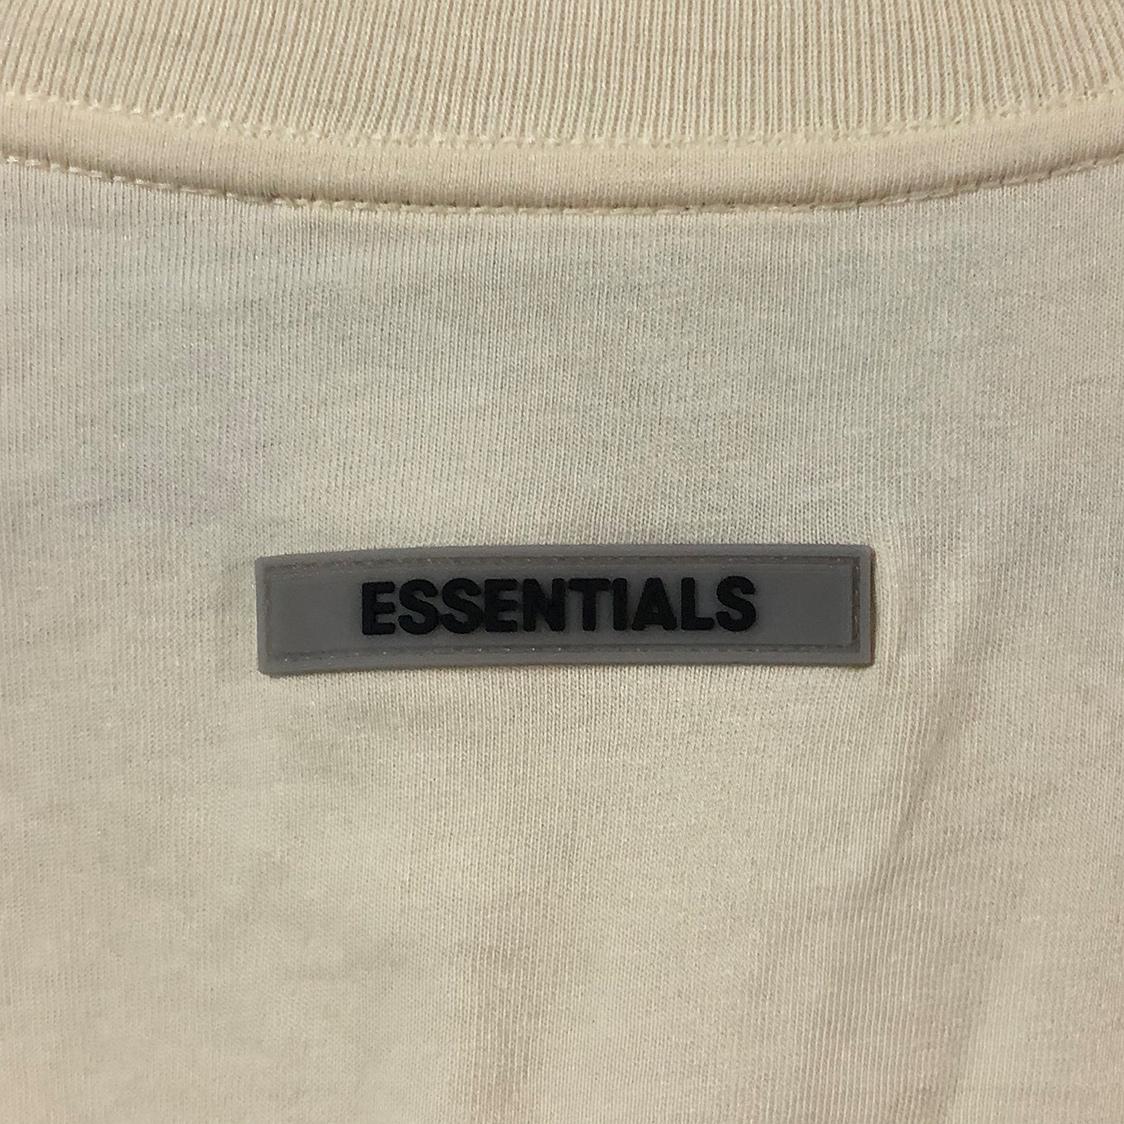 2020新作 新品 FOG Fear Of God Essentials フェアオブゴッド エッセンシャルズ 【Mサイズ】 LOGO ロンT 長袖Tシャツ エッセンシャル CREAM クリーム フォグ